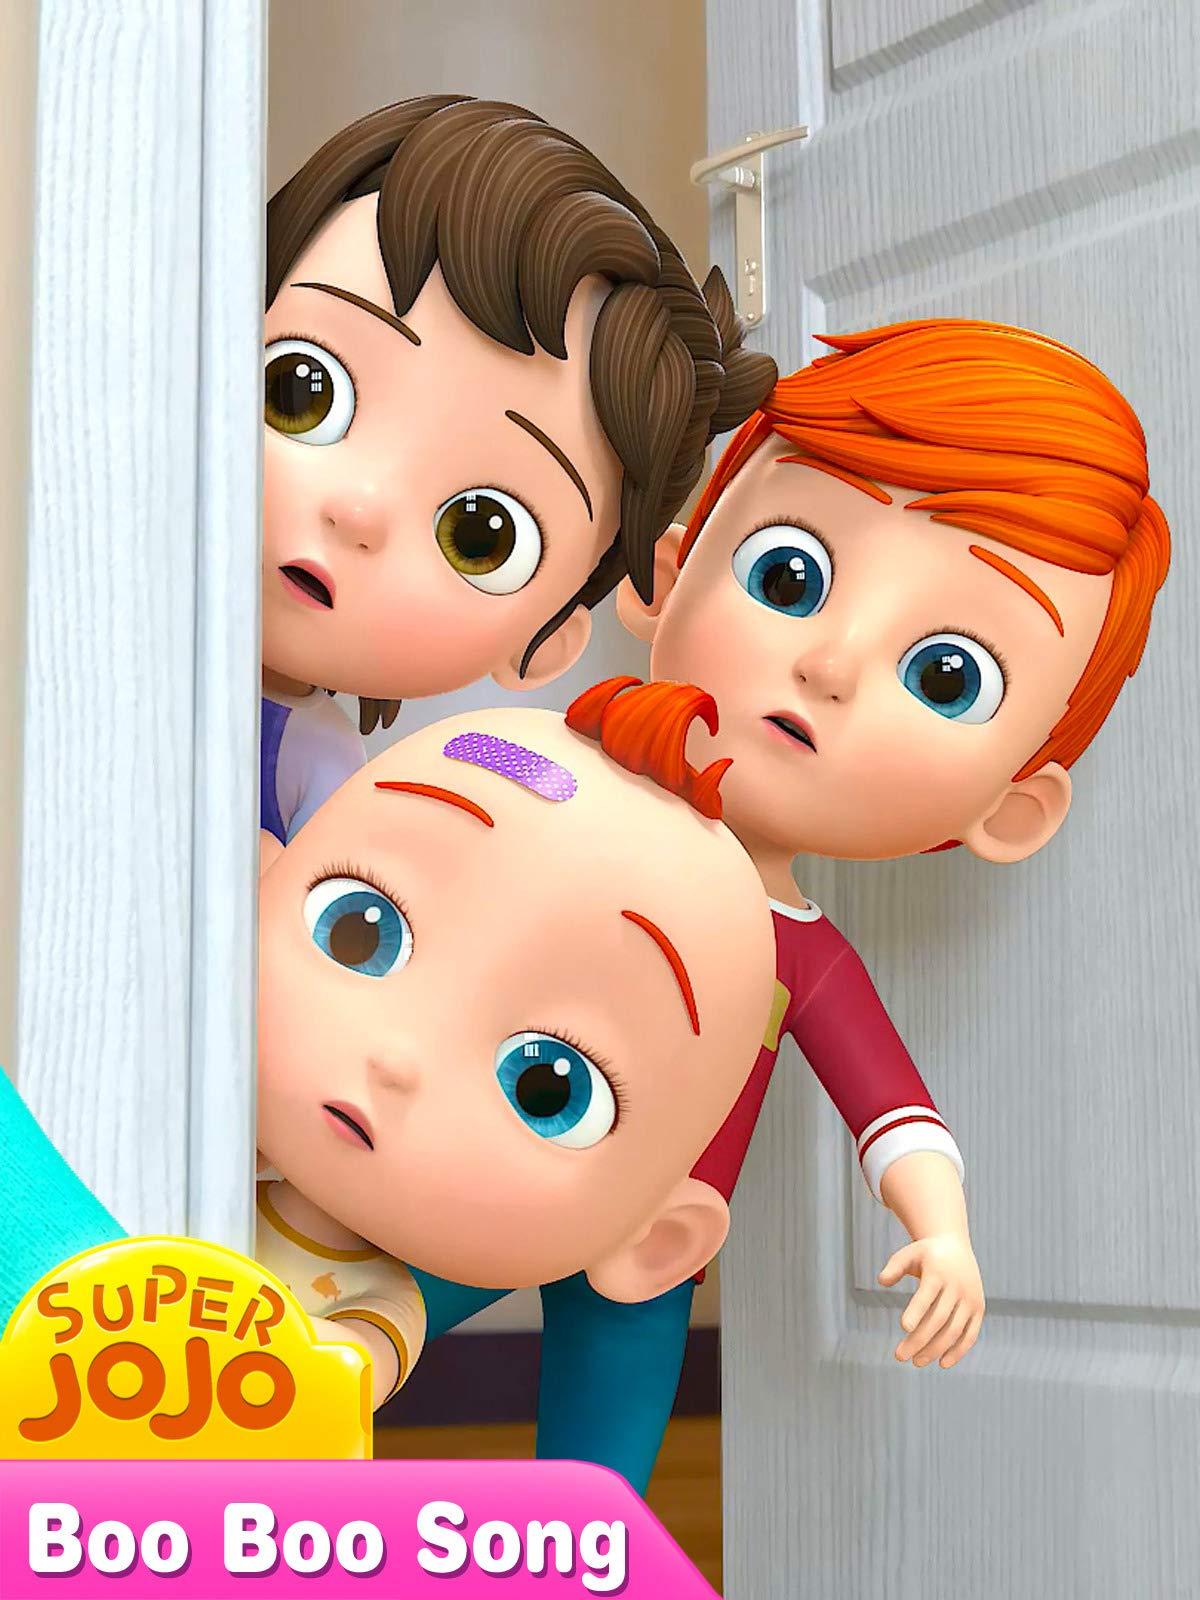 Super JoJo - Boo Boo Song